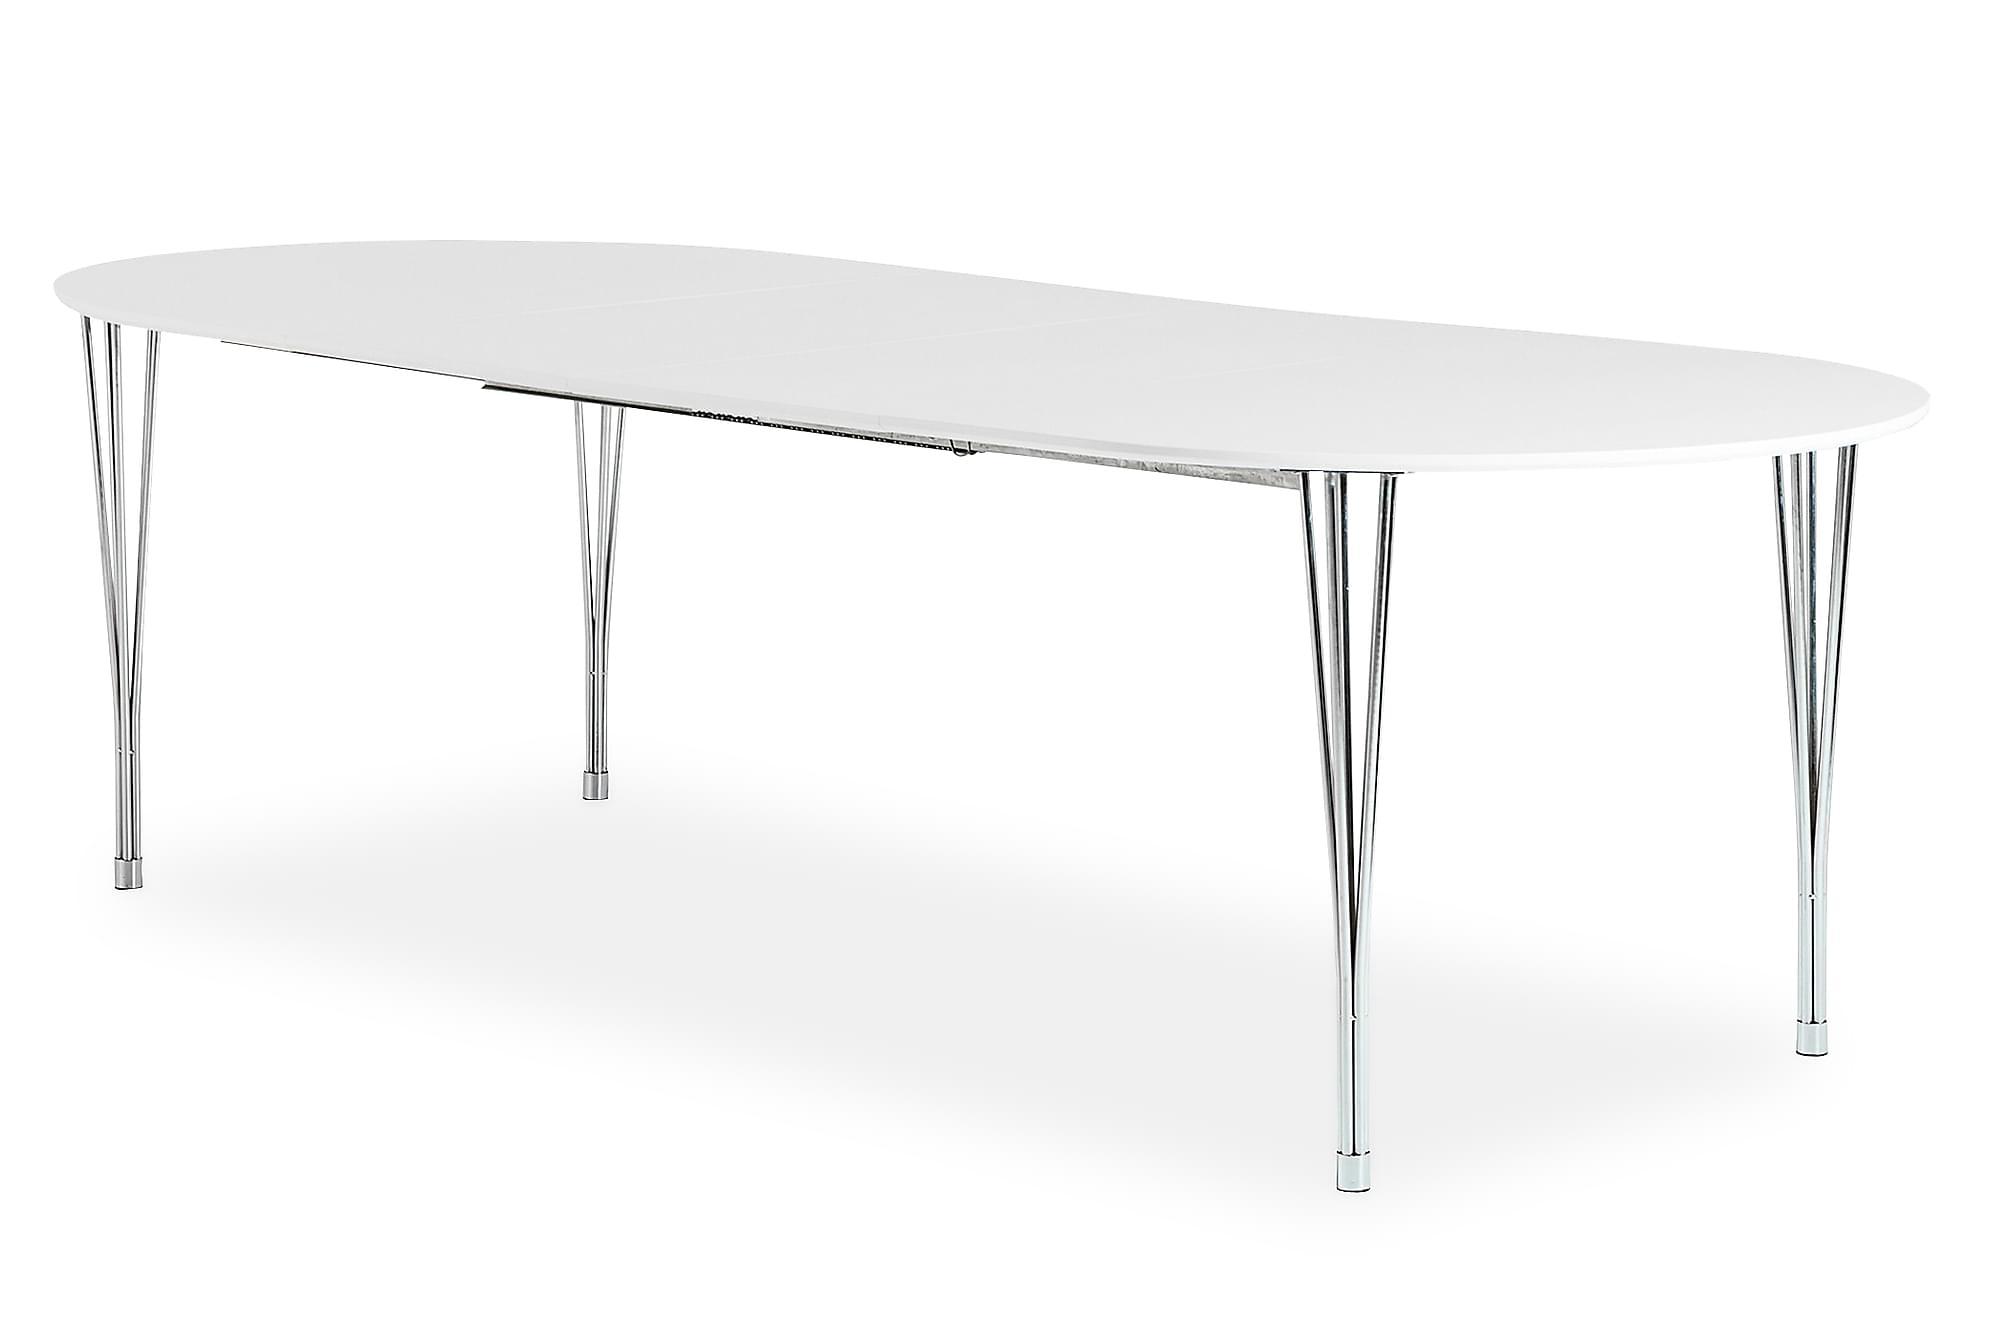 GEORGE Förlängningsbart Matbord 160 Ovalt Vit/Krom